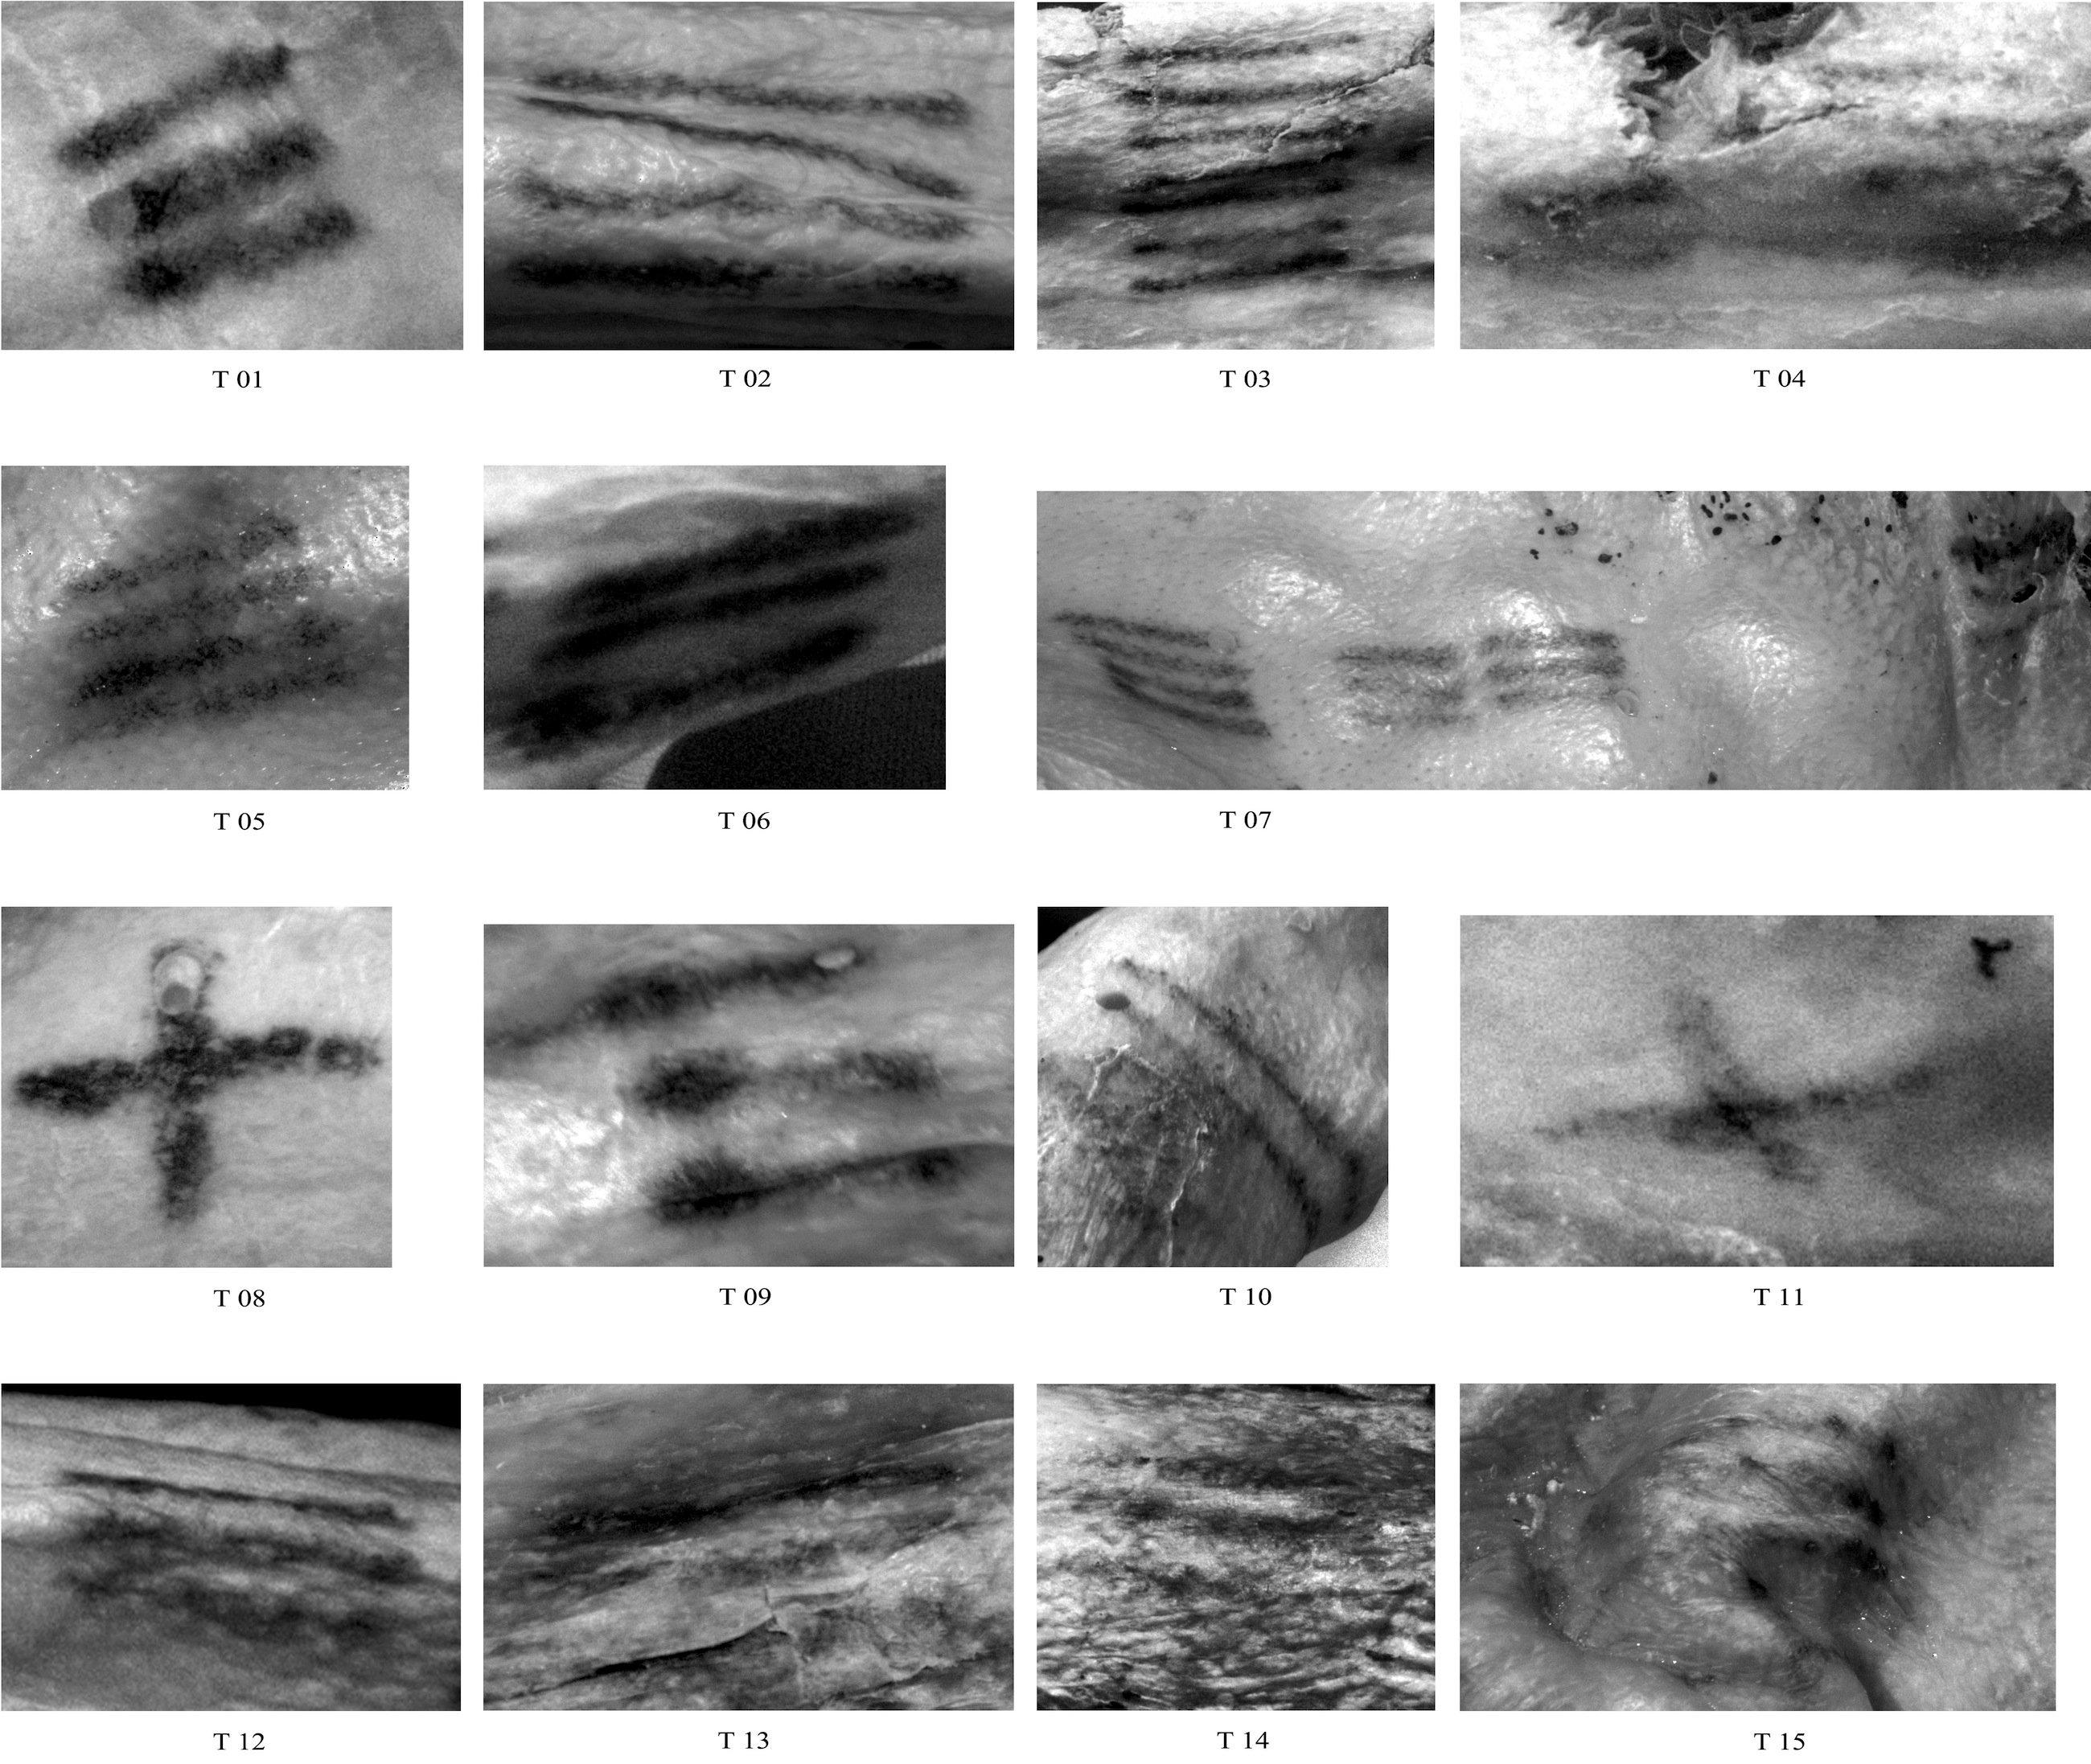 Die mit multispektralen Techniken fotografierten Tätowierungen: Eine Tätowierung auf der Brust wurde nur durch die moderne Fototechnik entdeckt.